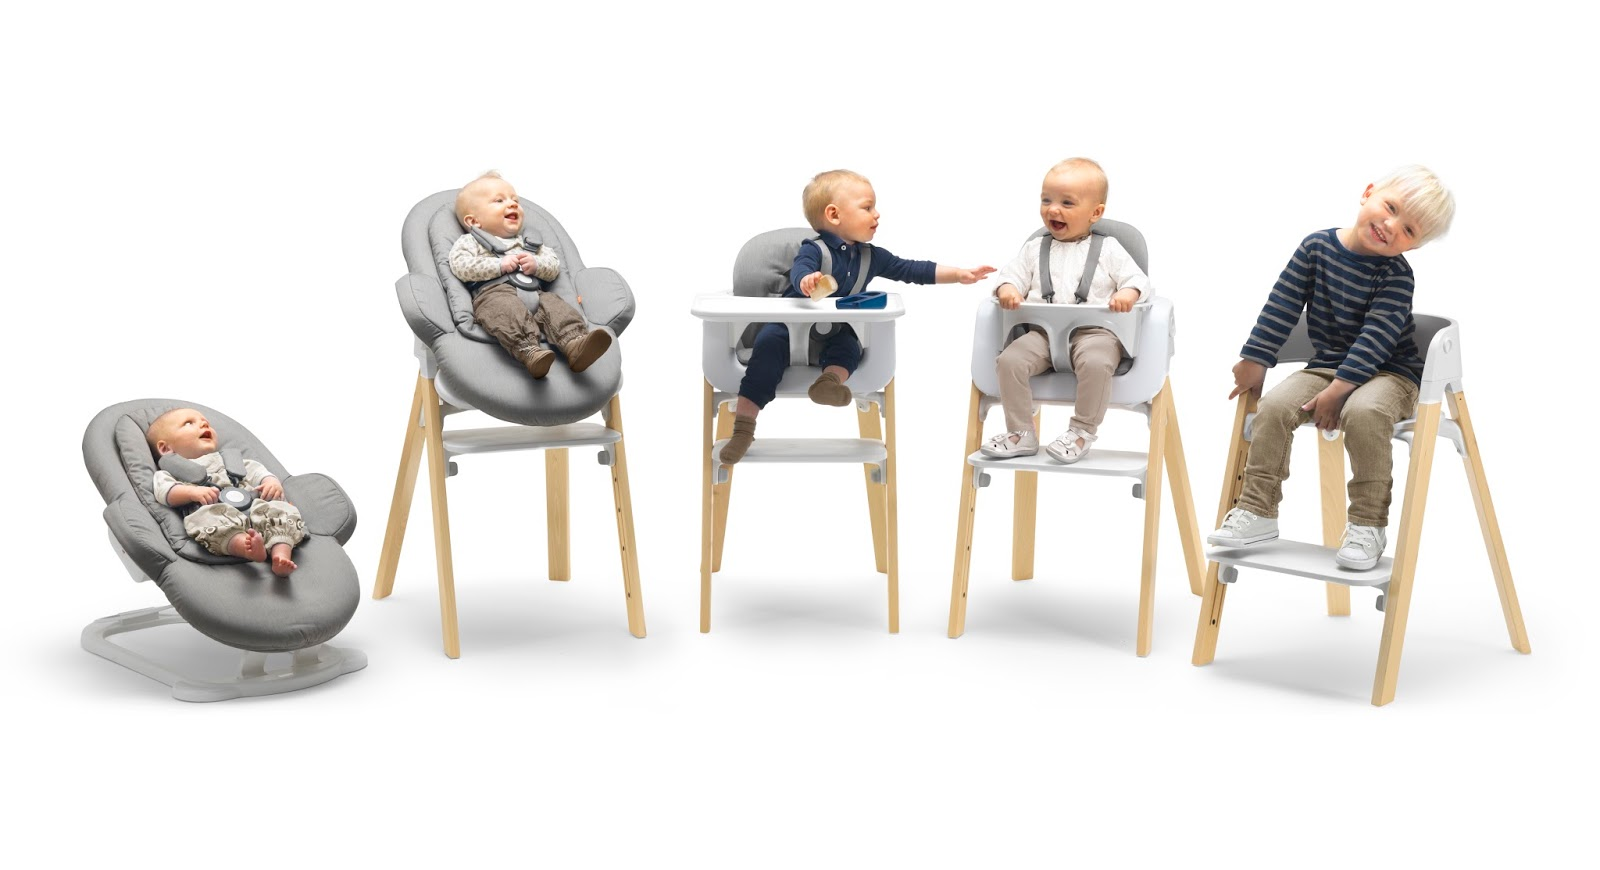 Hochstühle Für Babys Und Kleinkinder ~ Produktetest: ein neuer hochstuhl im hause otr mama on the rocks